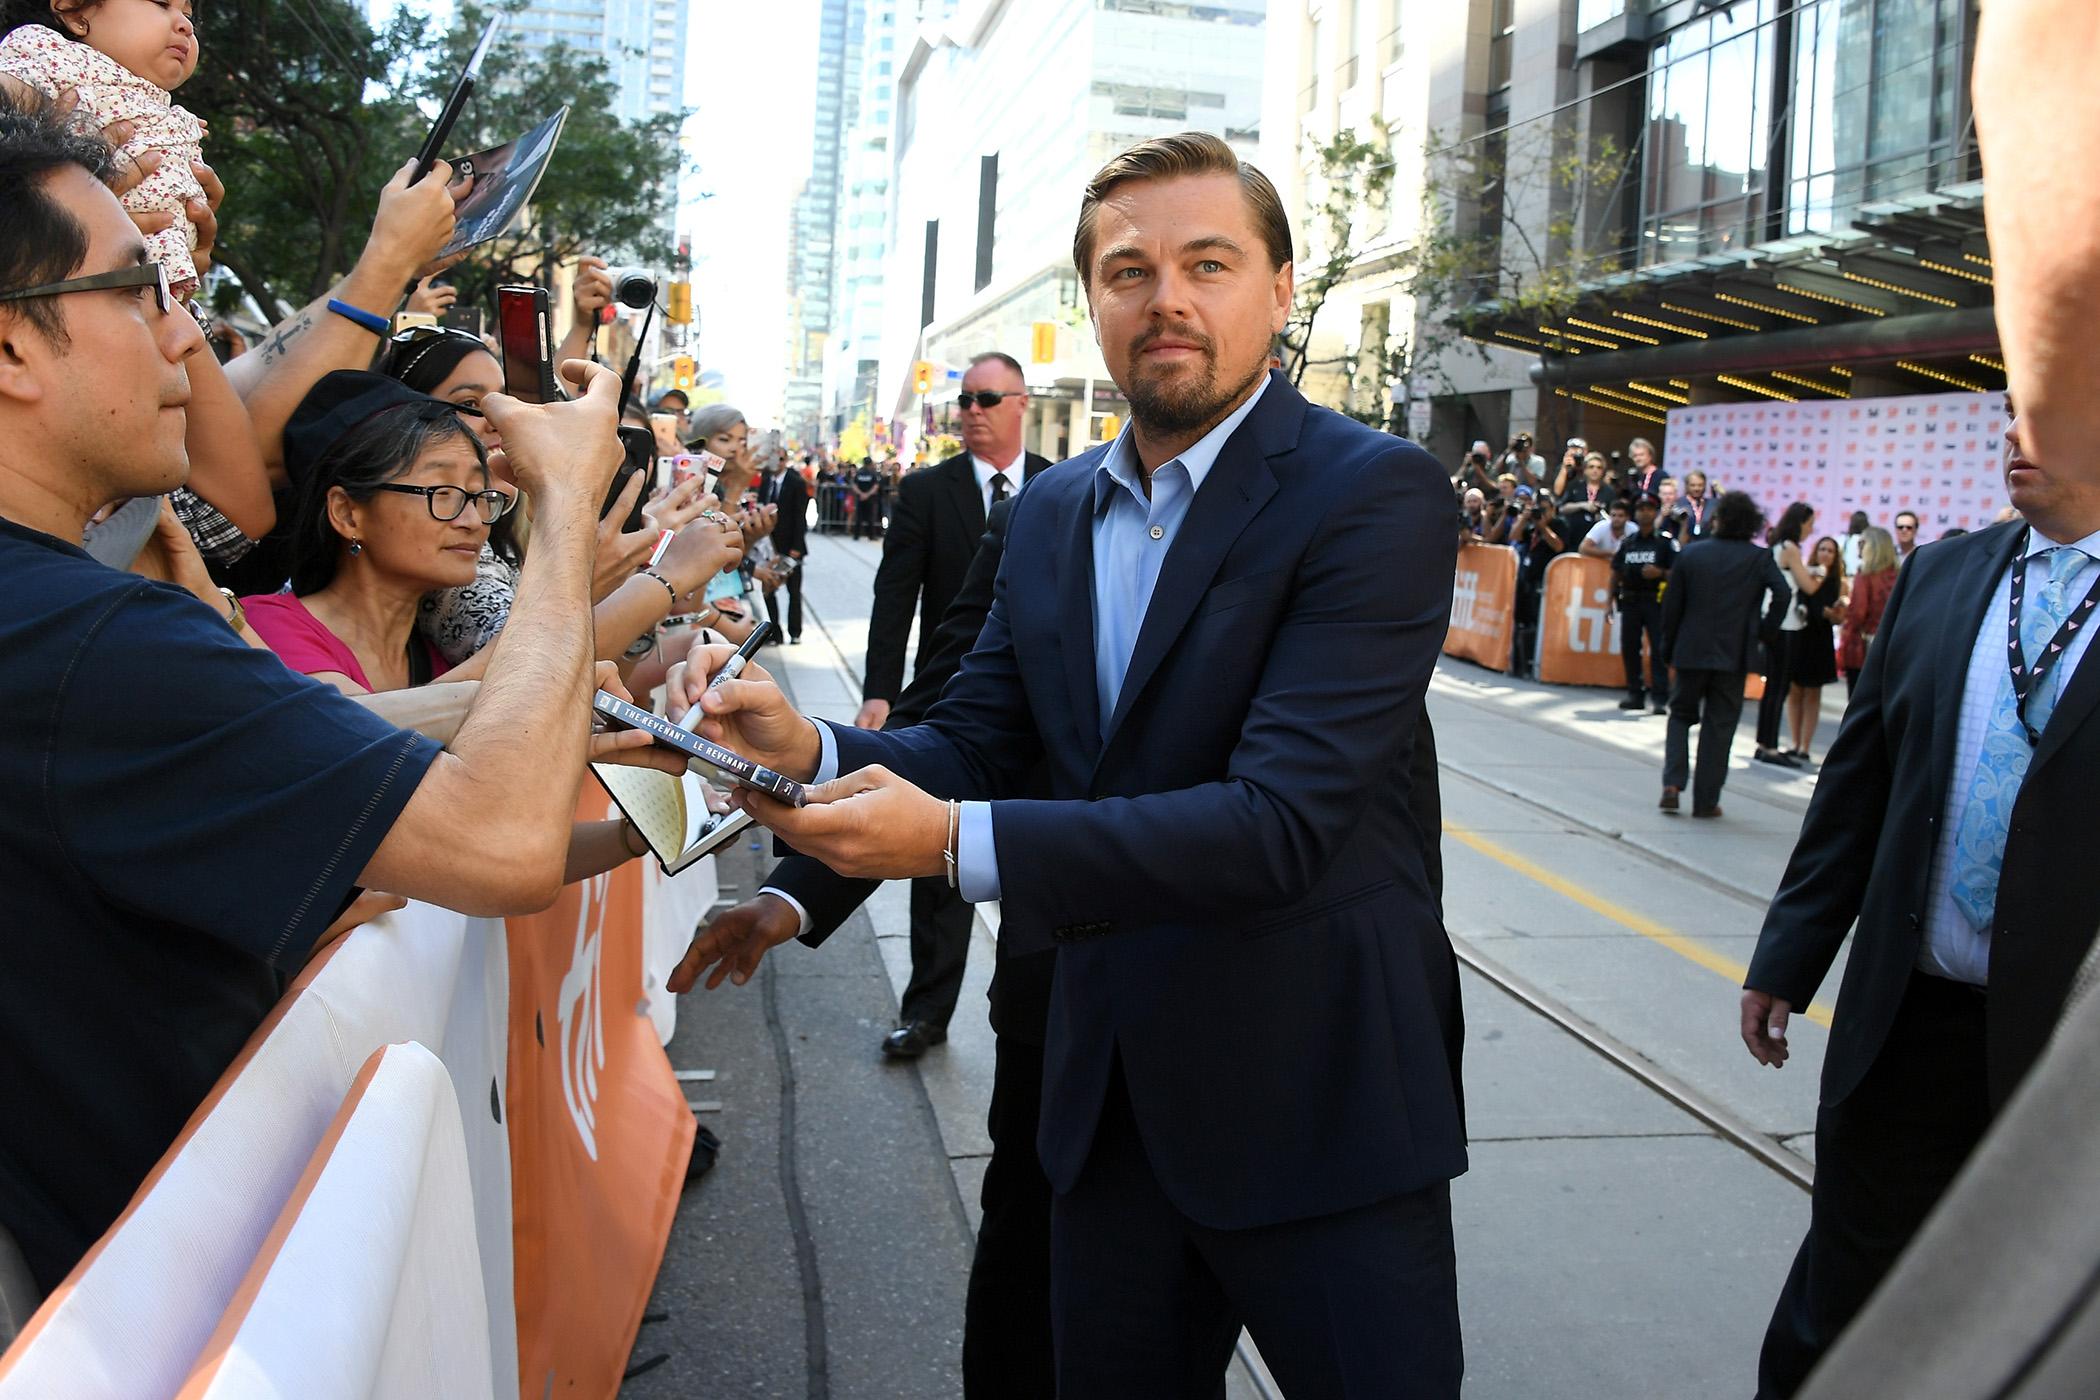 Leonardo DiCaprio, who still bags $25 million per picture, is the exception.